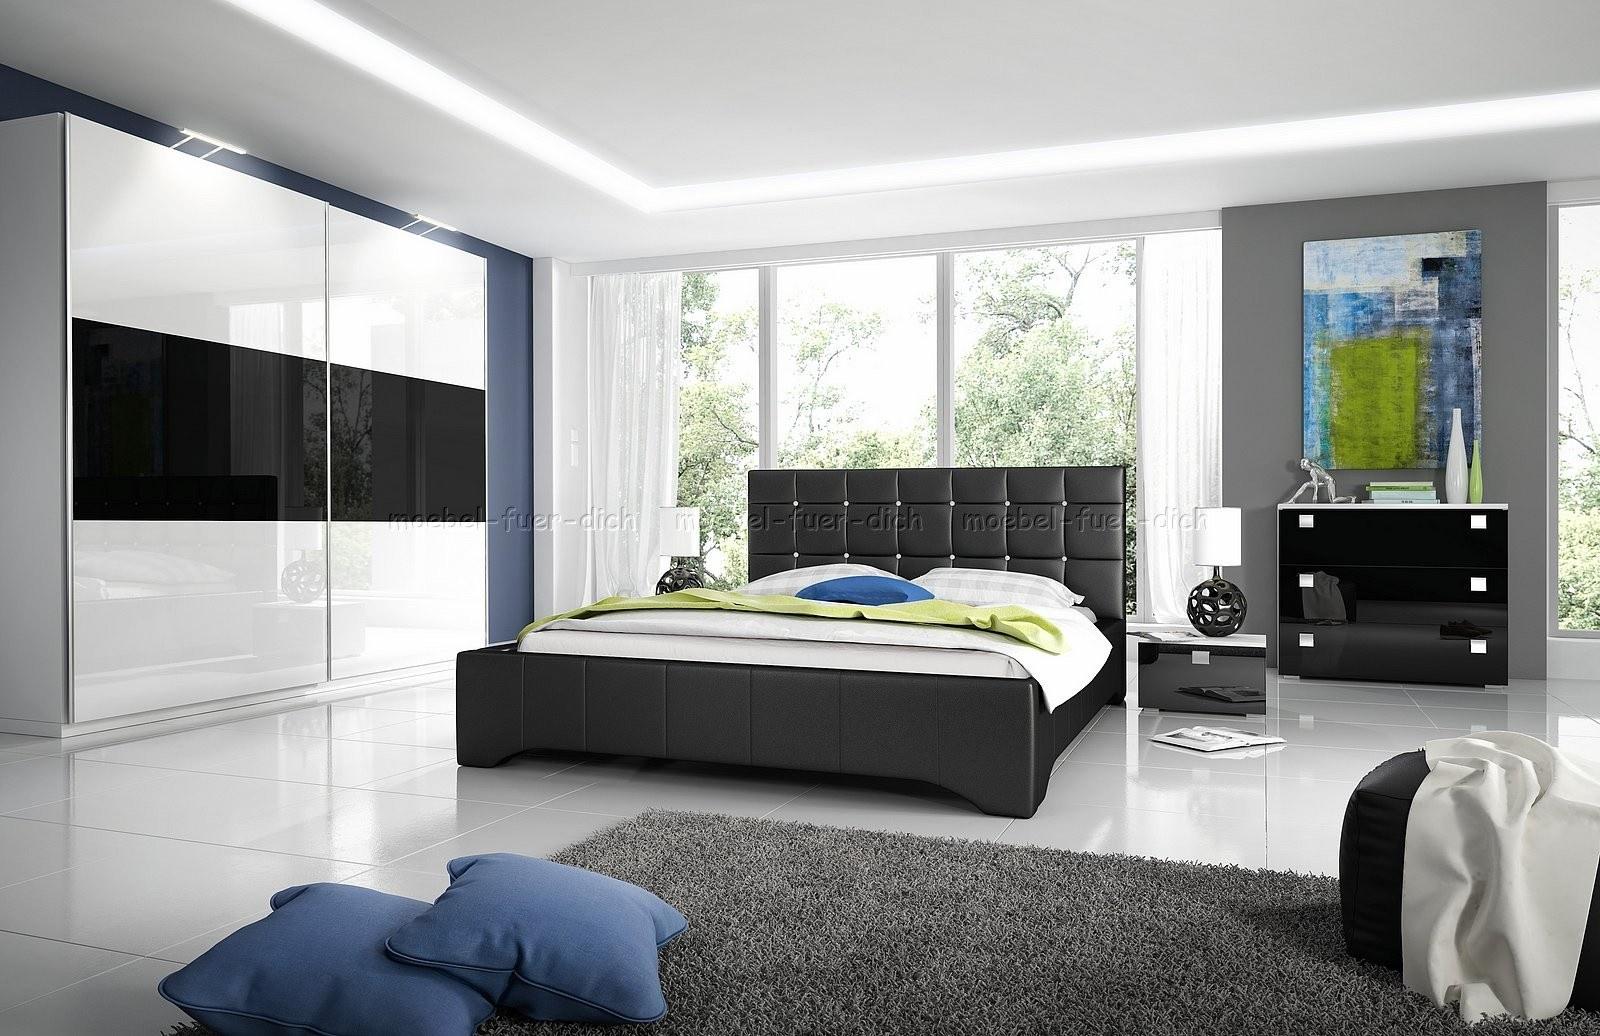 Full Size of Schlafzimmer Komplett Günstig Sets Einrichten Mbel Fr Stuhl Für Günstige Kommoden Betten Kaufen 180x200 Wiemann Komplettangebote Romantische Sofa Weiß Schlafzimmer Schlafzimmer Komplett Günstig